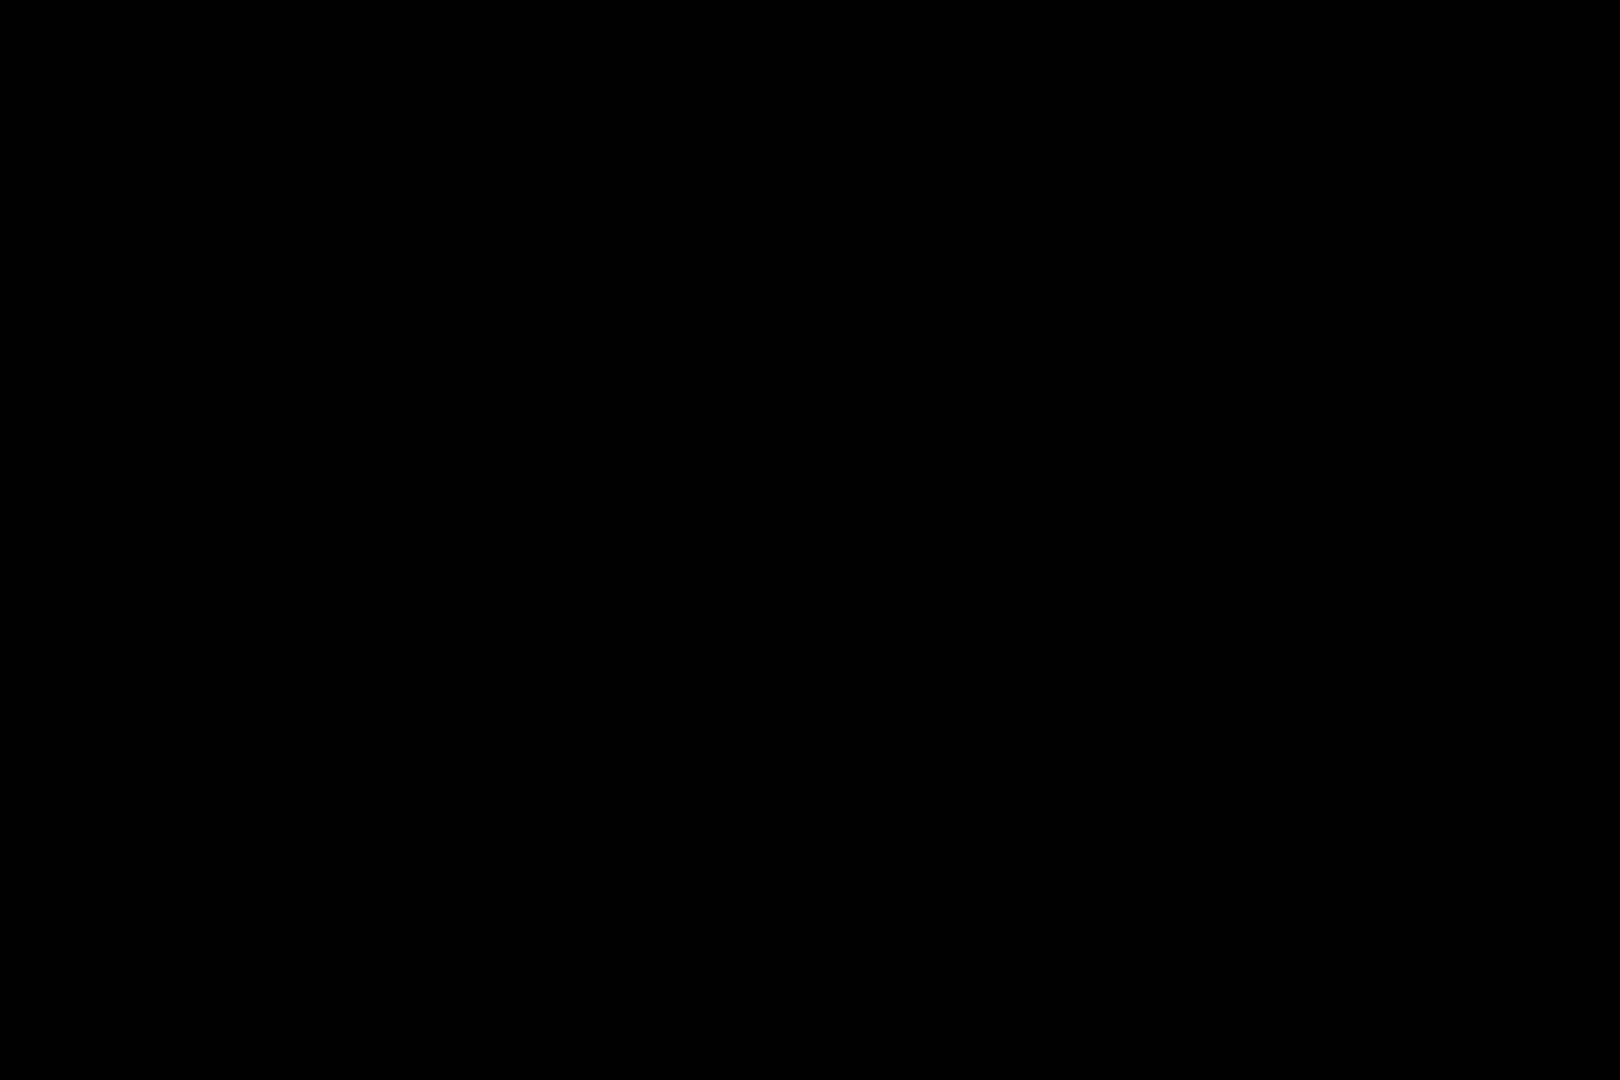 充血監督の深夜の運動会Vol.137 マンコ・ムレムレ おめこ無修正動画無料 91pic 62